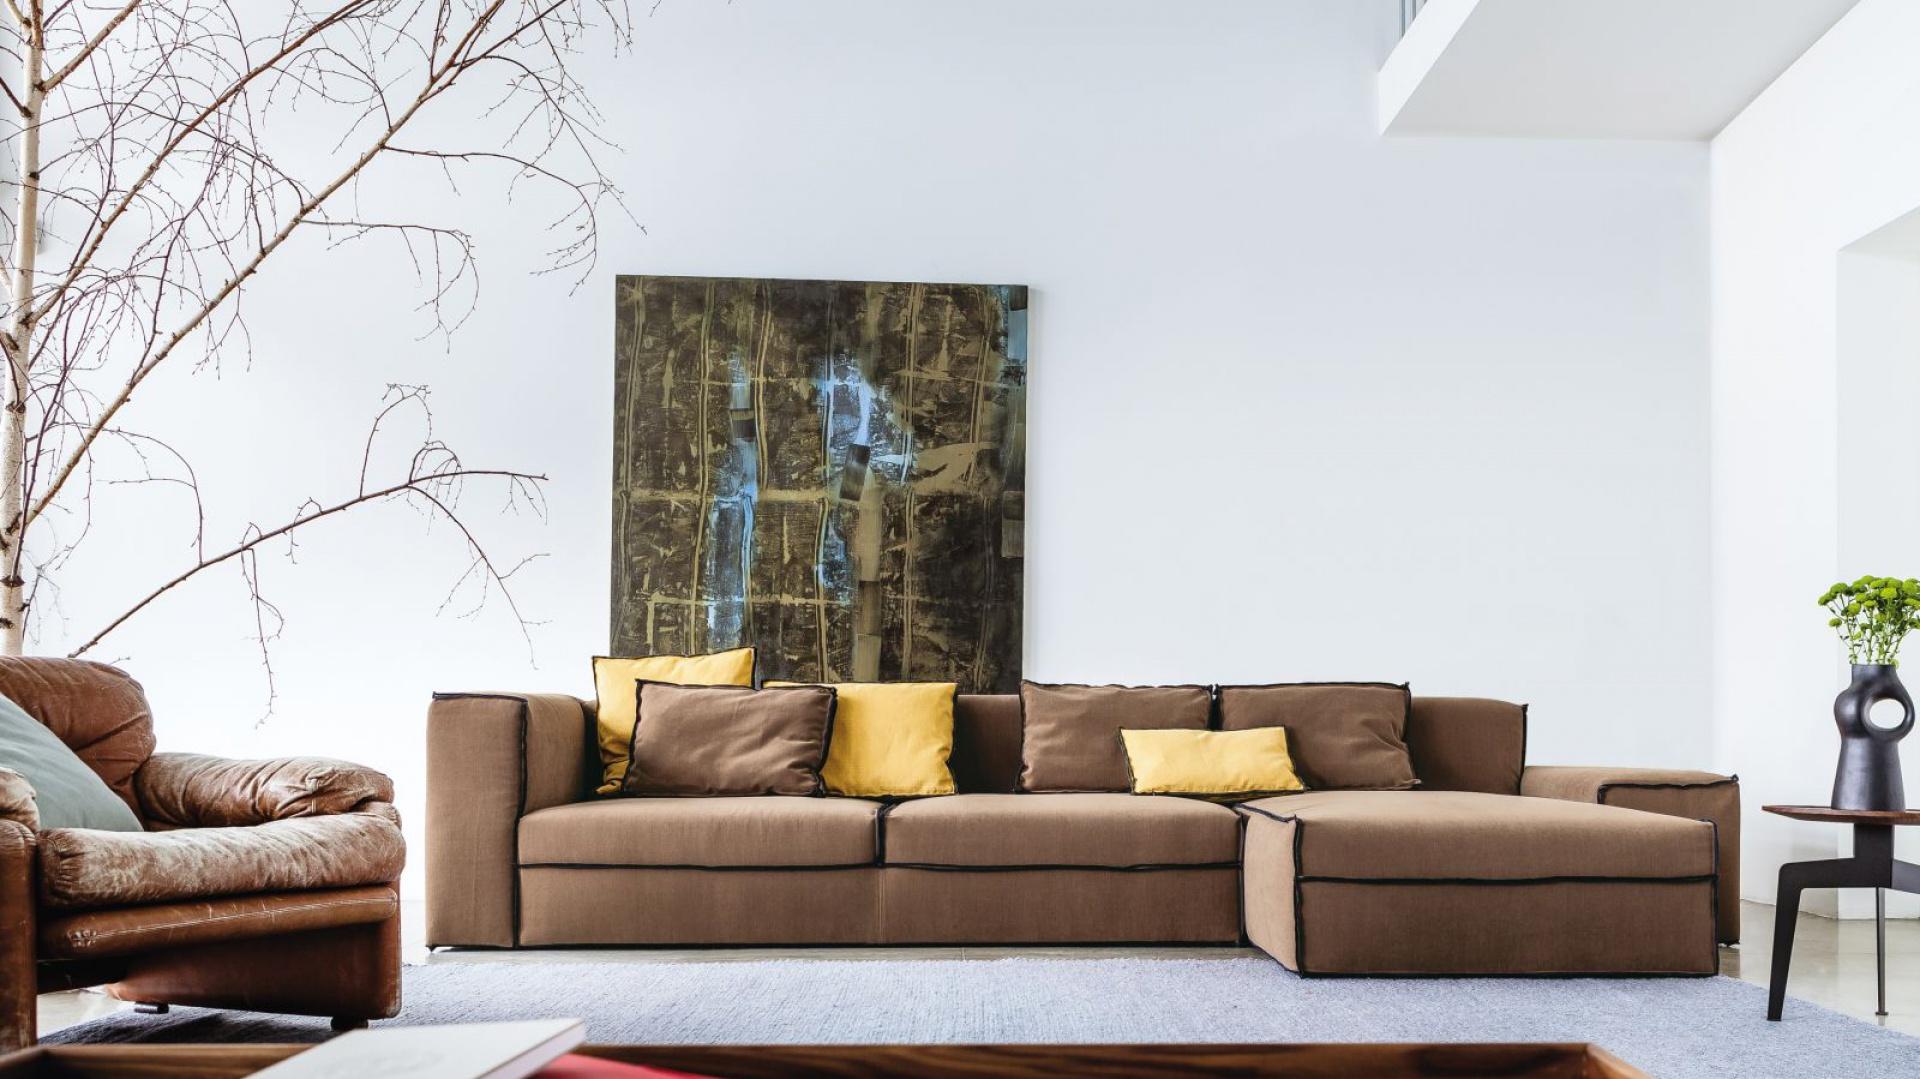 Obszerna sofa X-Small marki Lomidesign. Nowoczesne, proste kształty mebla zostały podkreślone czarnymi obszyciami krawędzi. Fot. Lomidesign.